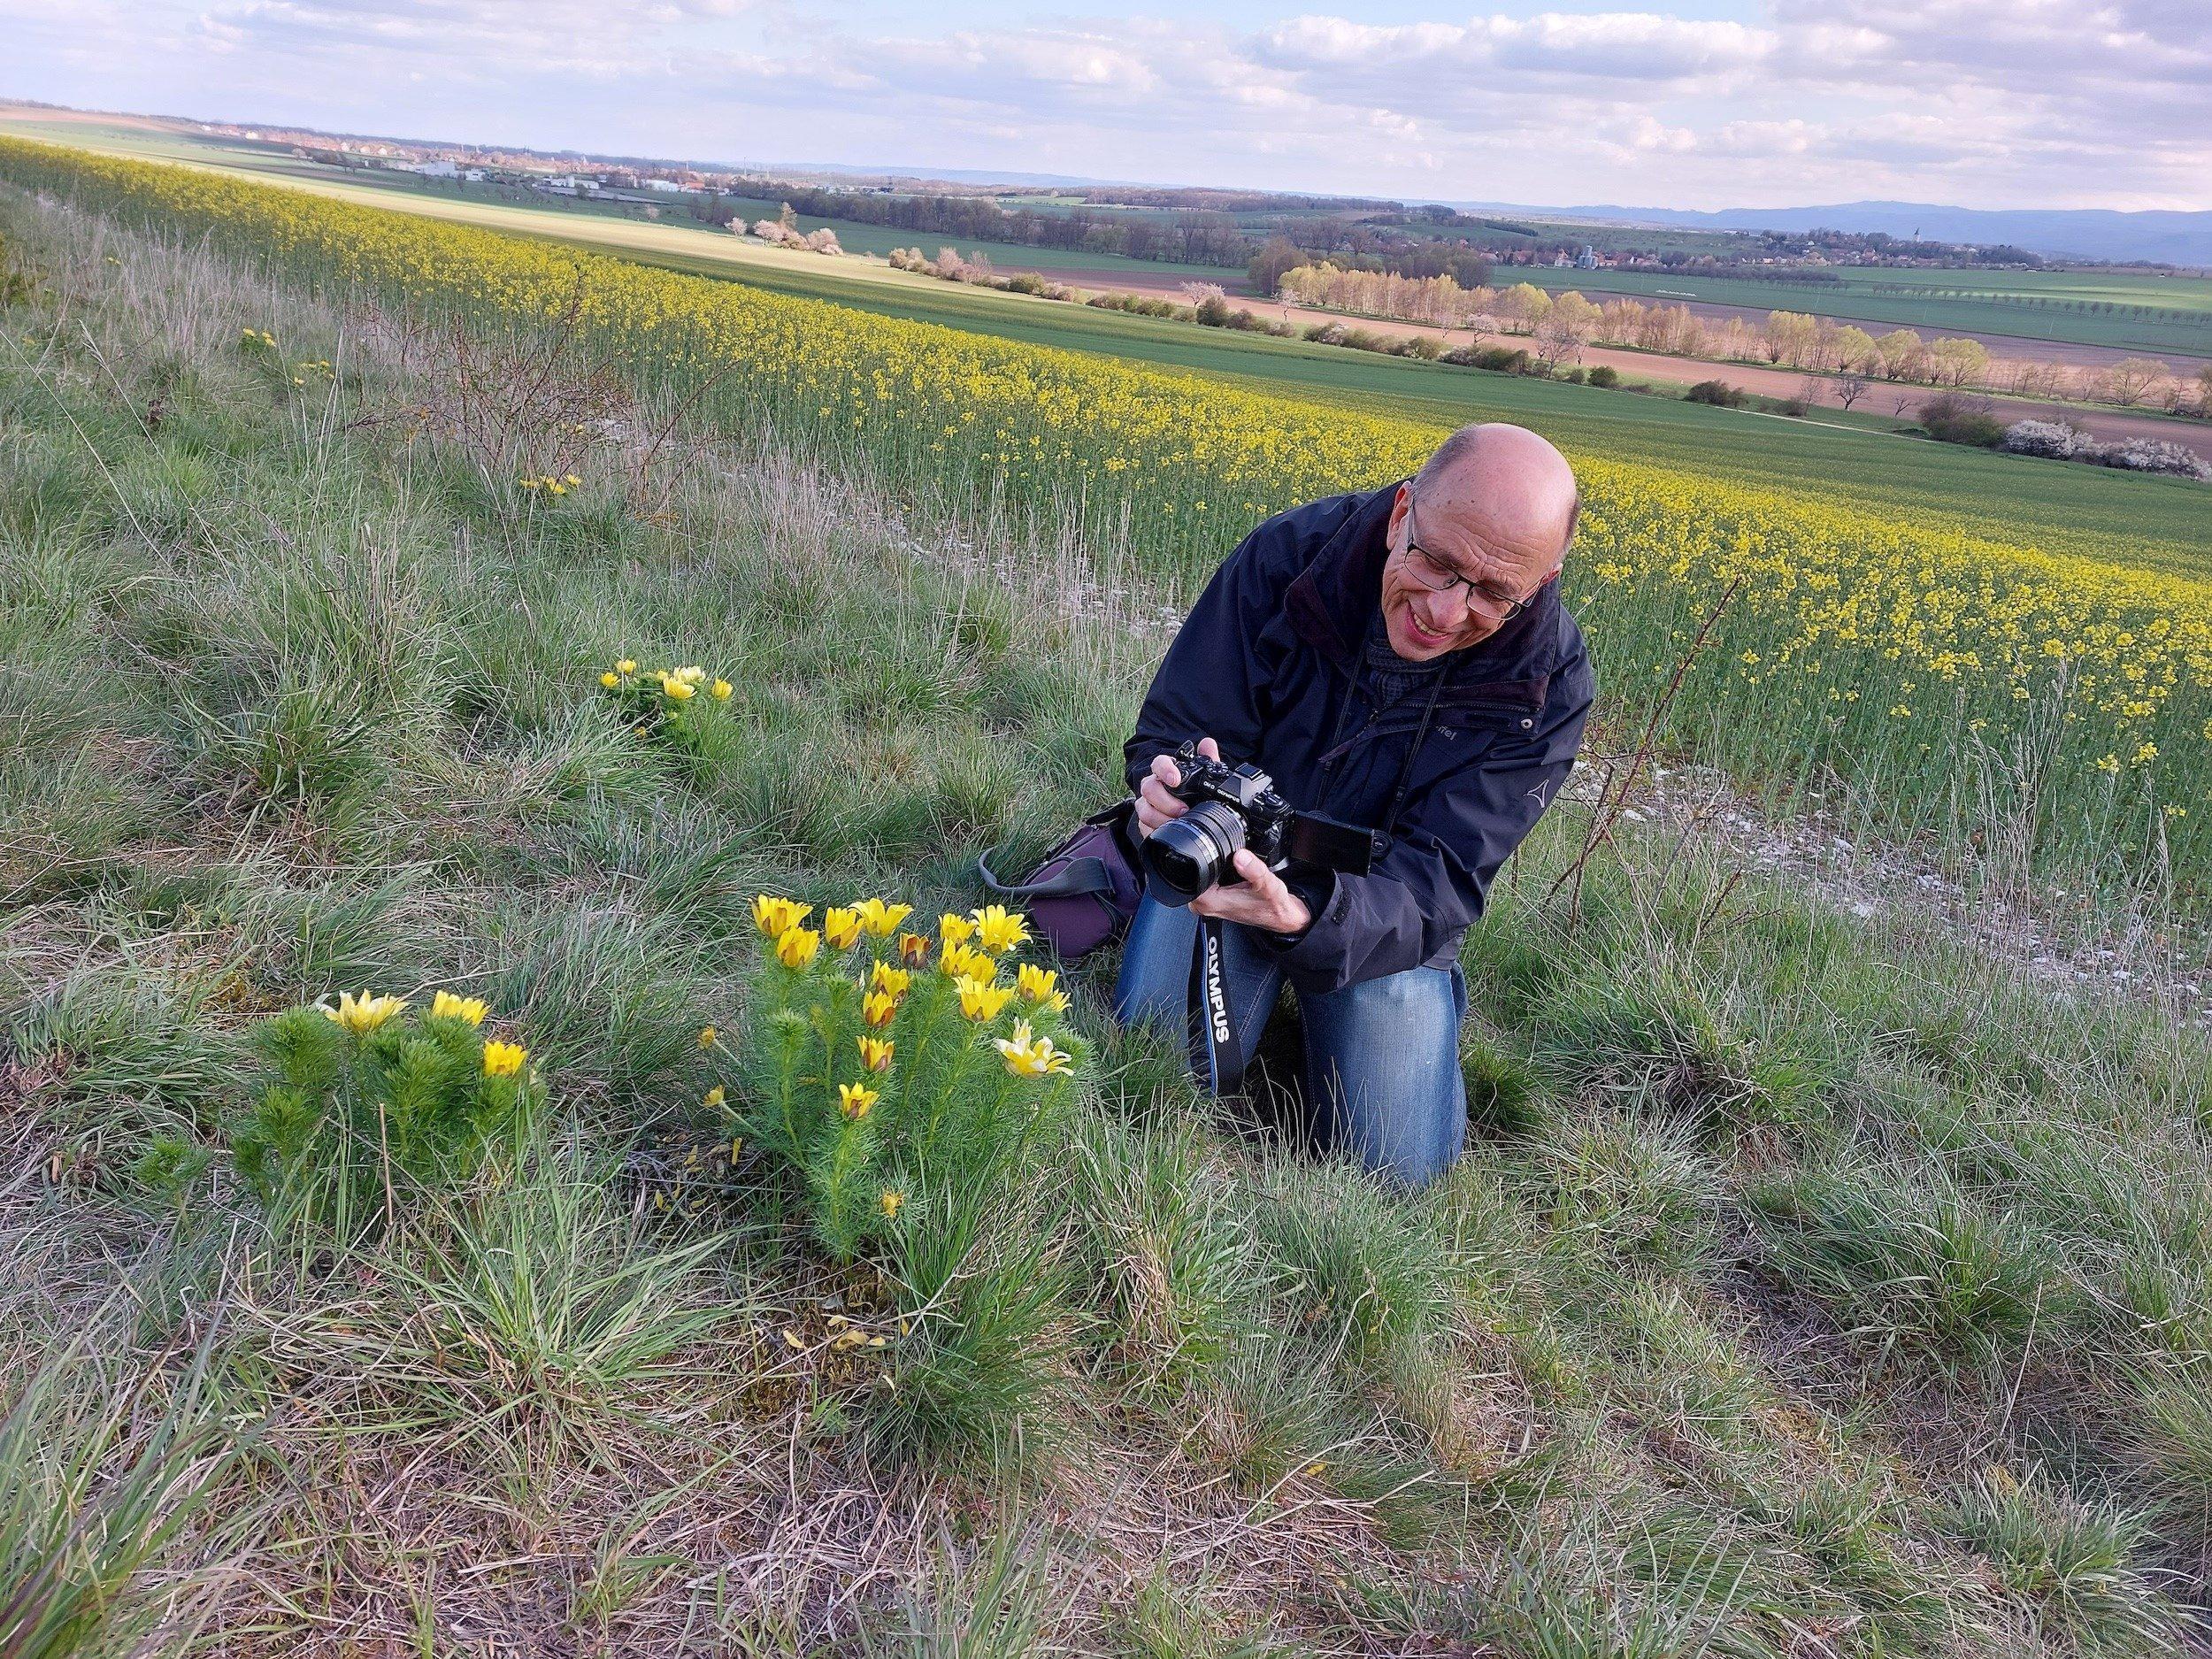 Büchs kniet vor einem Adonisröschen in weiter Landschaft und hat eine  Kamera in der Hand.